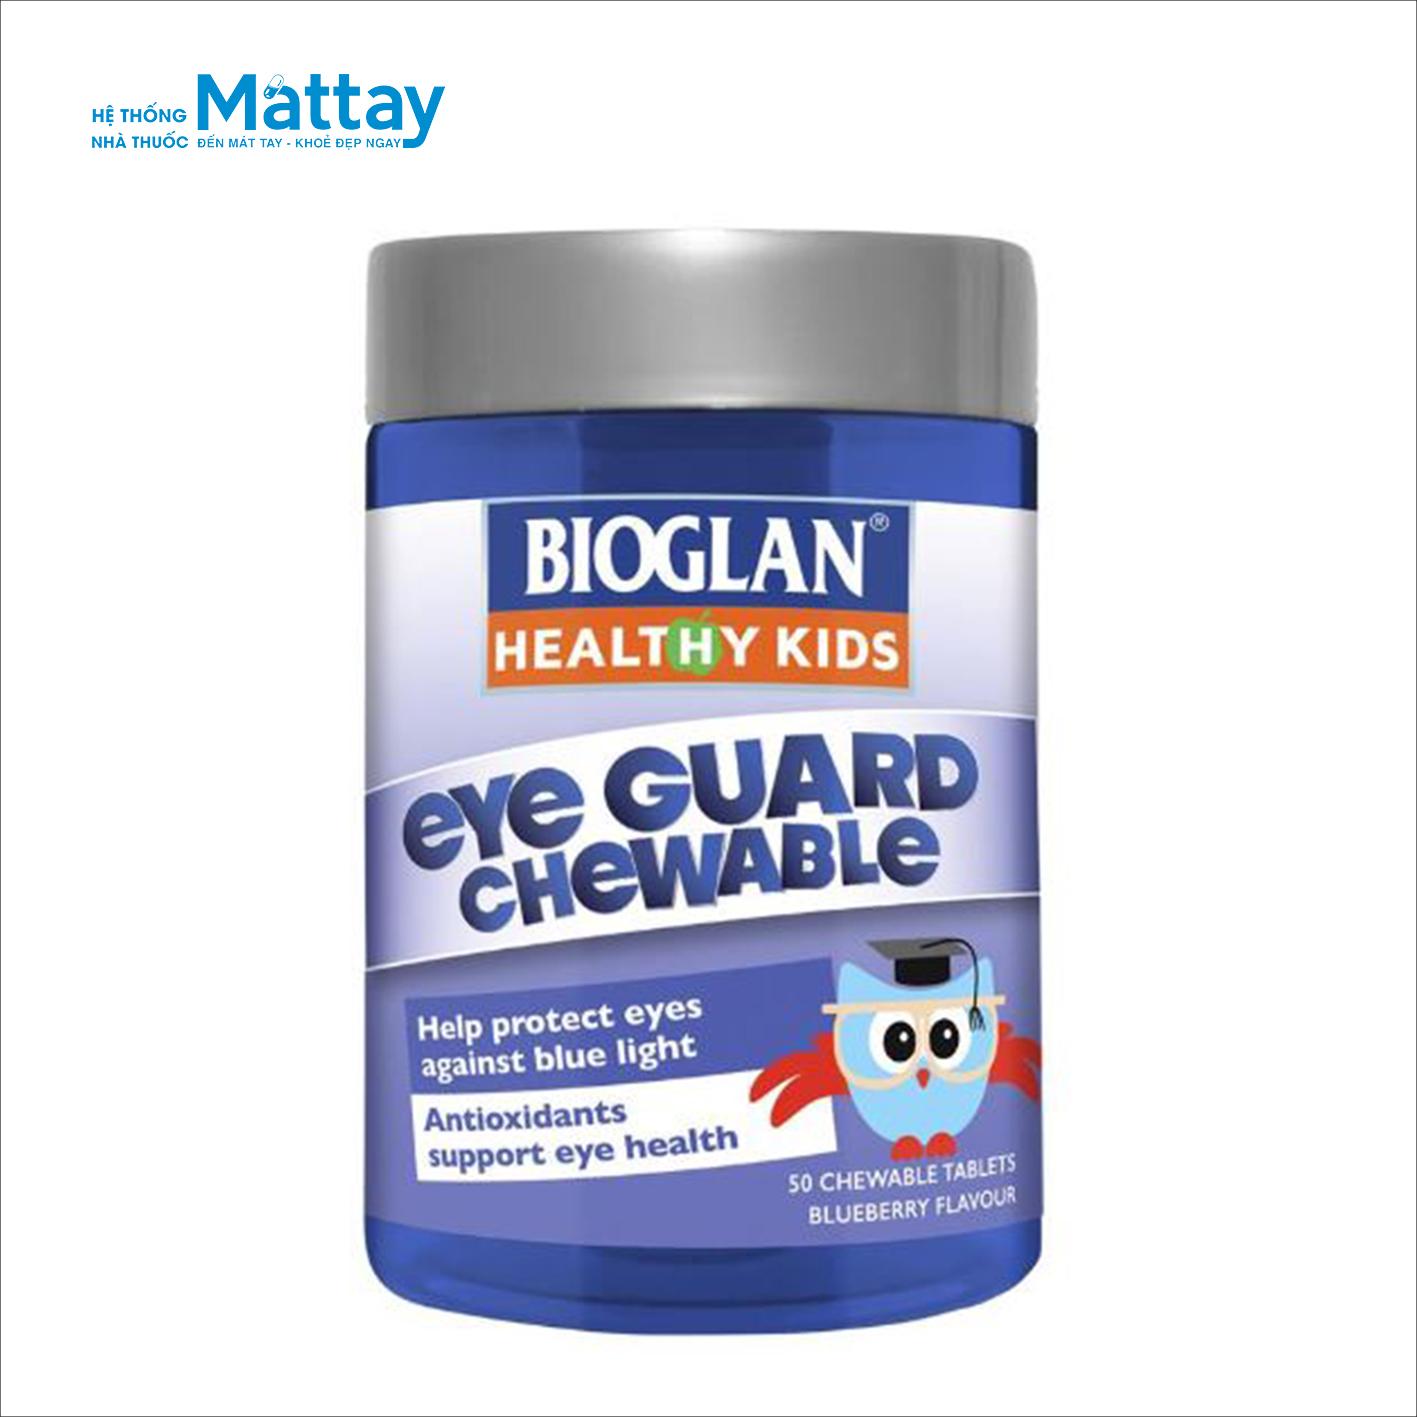 Bioglan Kids Eye Guard Chewable – Viên nhai hỗ trợ cho mắt